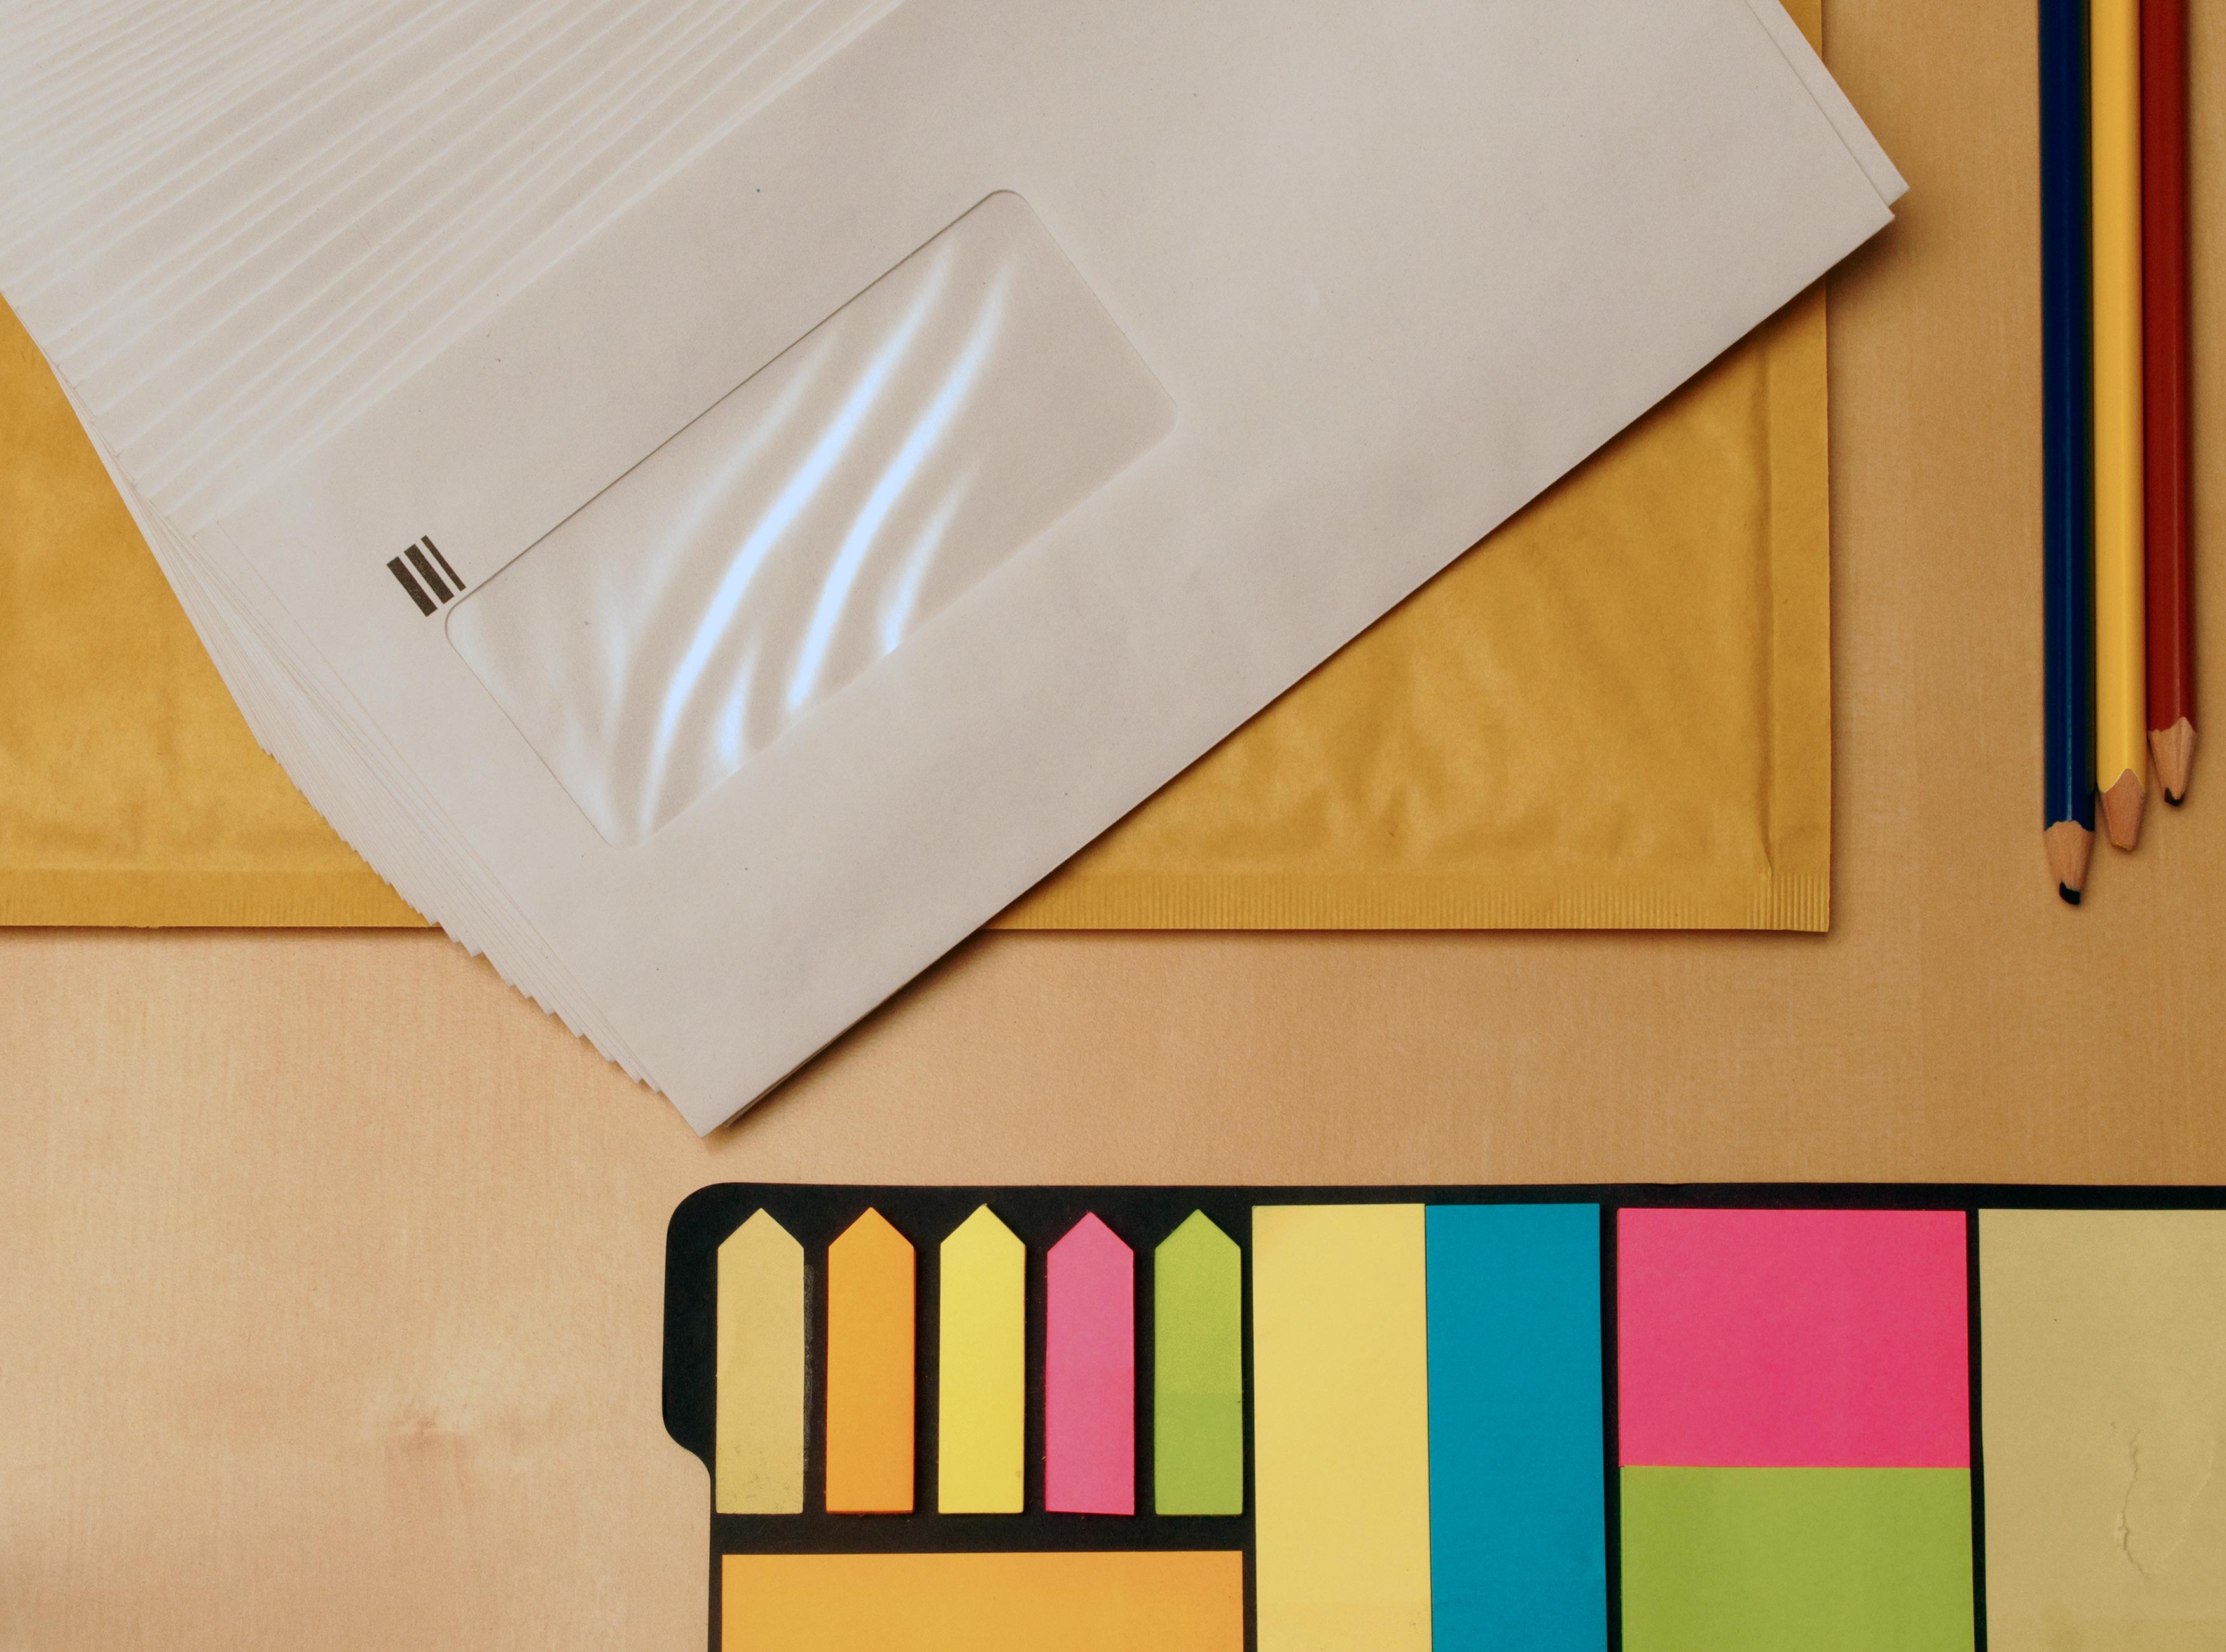 ES郵送時の必須マナーとは?封筒選びのポイントや送付状の書き方まとめ